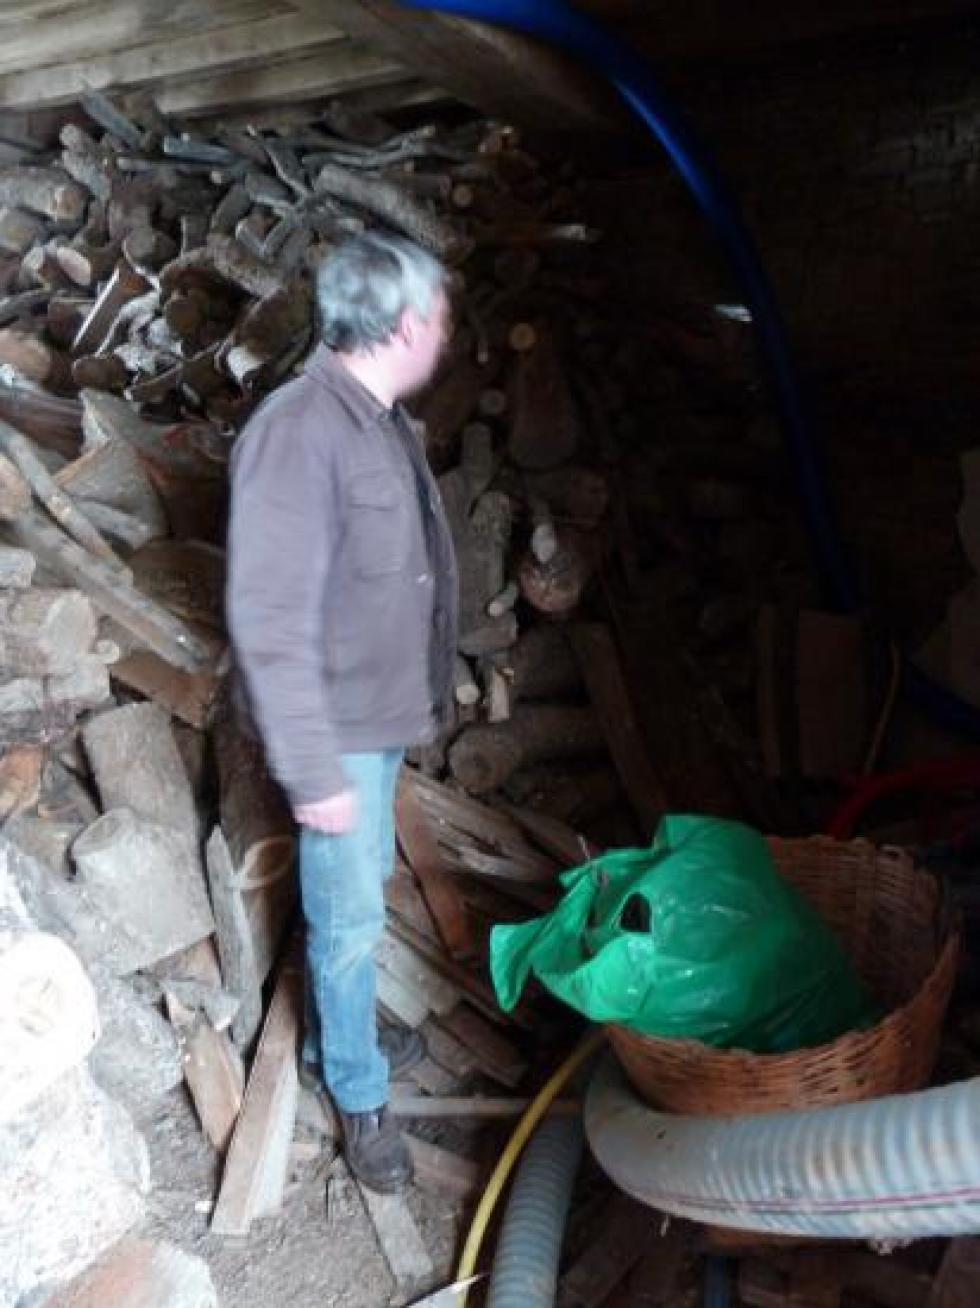 13 février 2012, M. DELTA dans la future chaufferie, au rez-de-chaussée de la tour Louis XIII.